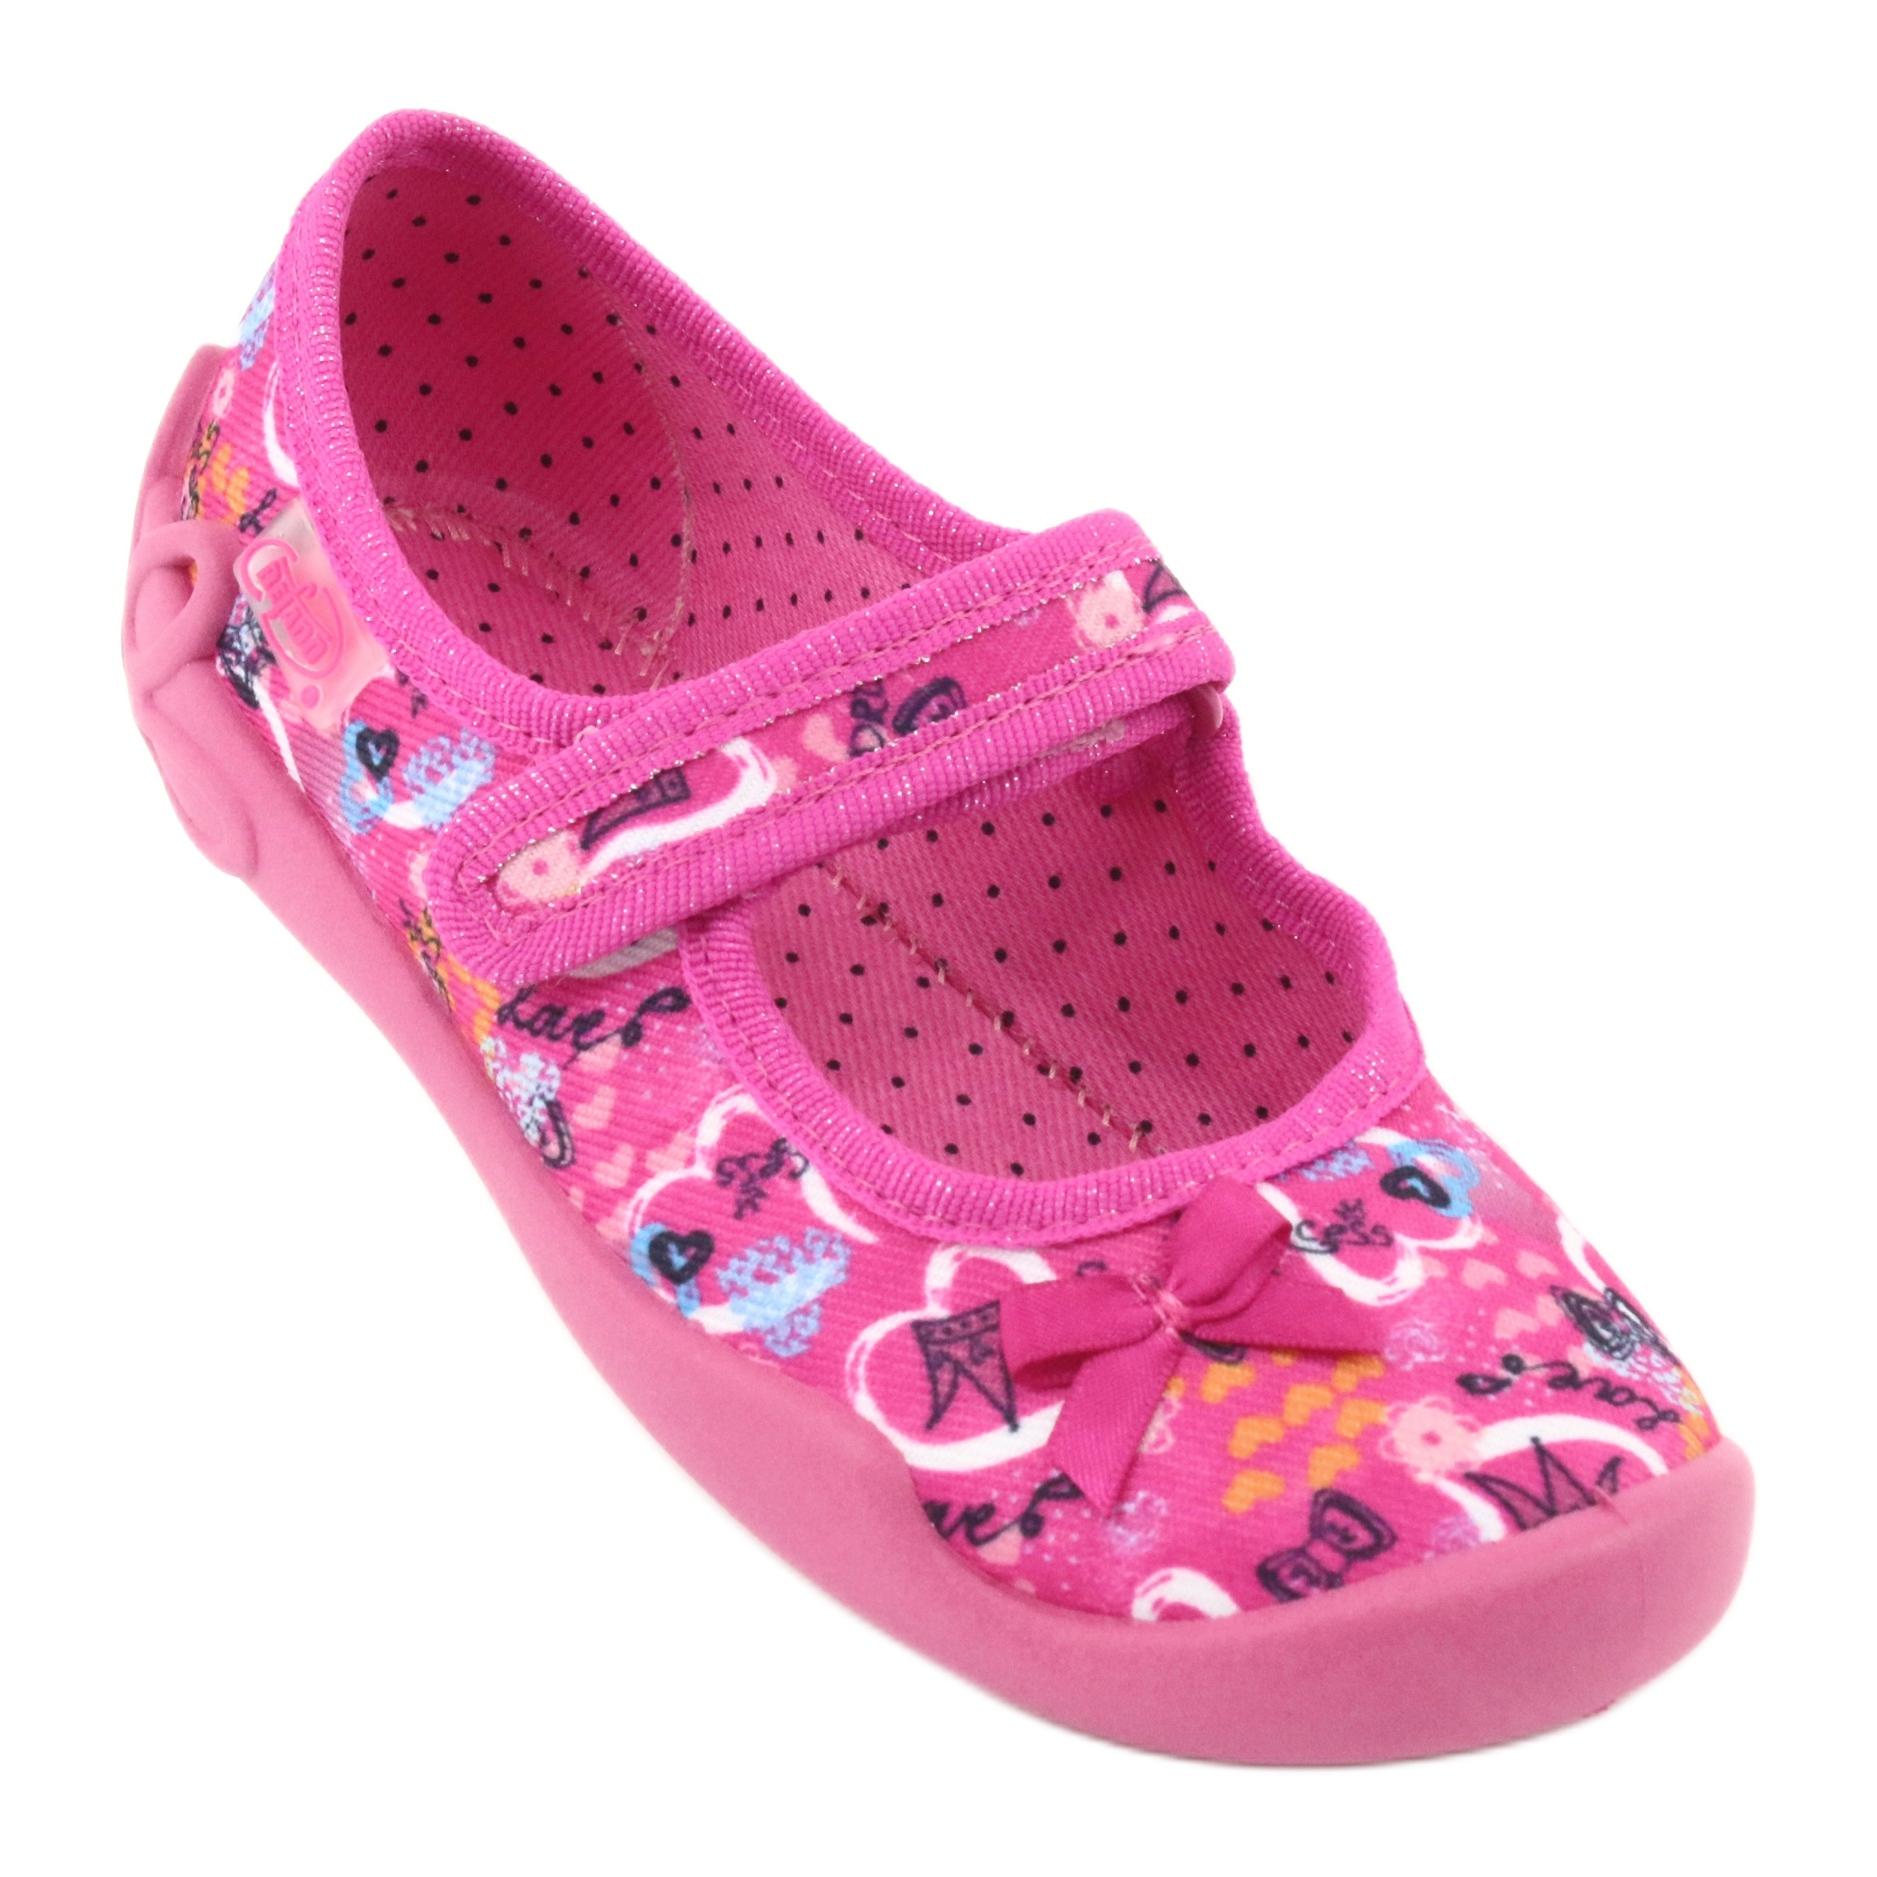 miniatura 2 - Scarpe per bambini Befado 114X358 rosa multicolore